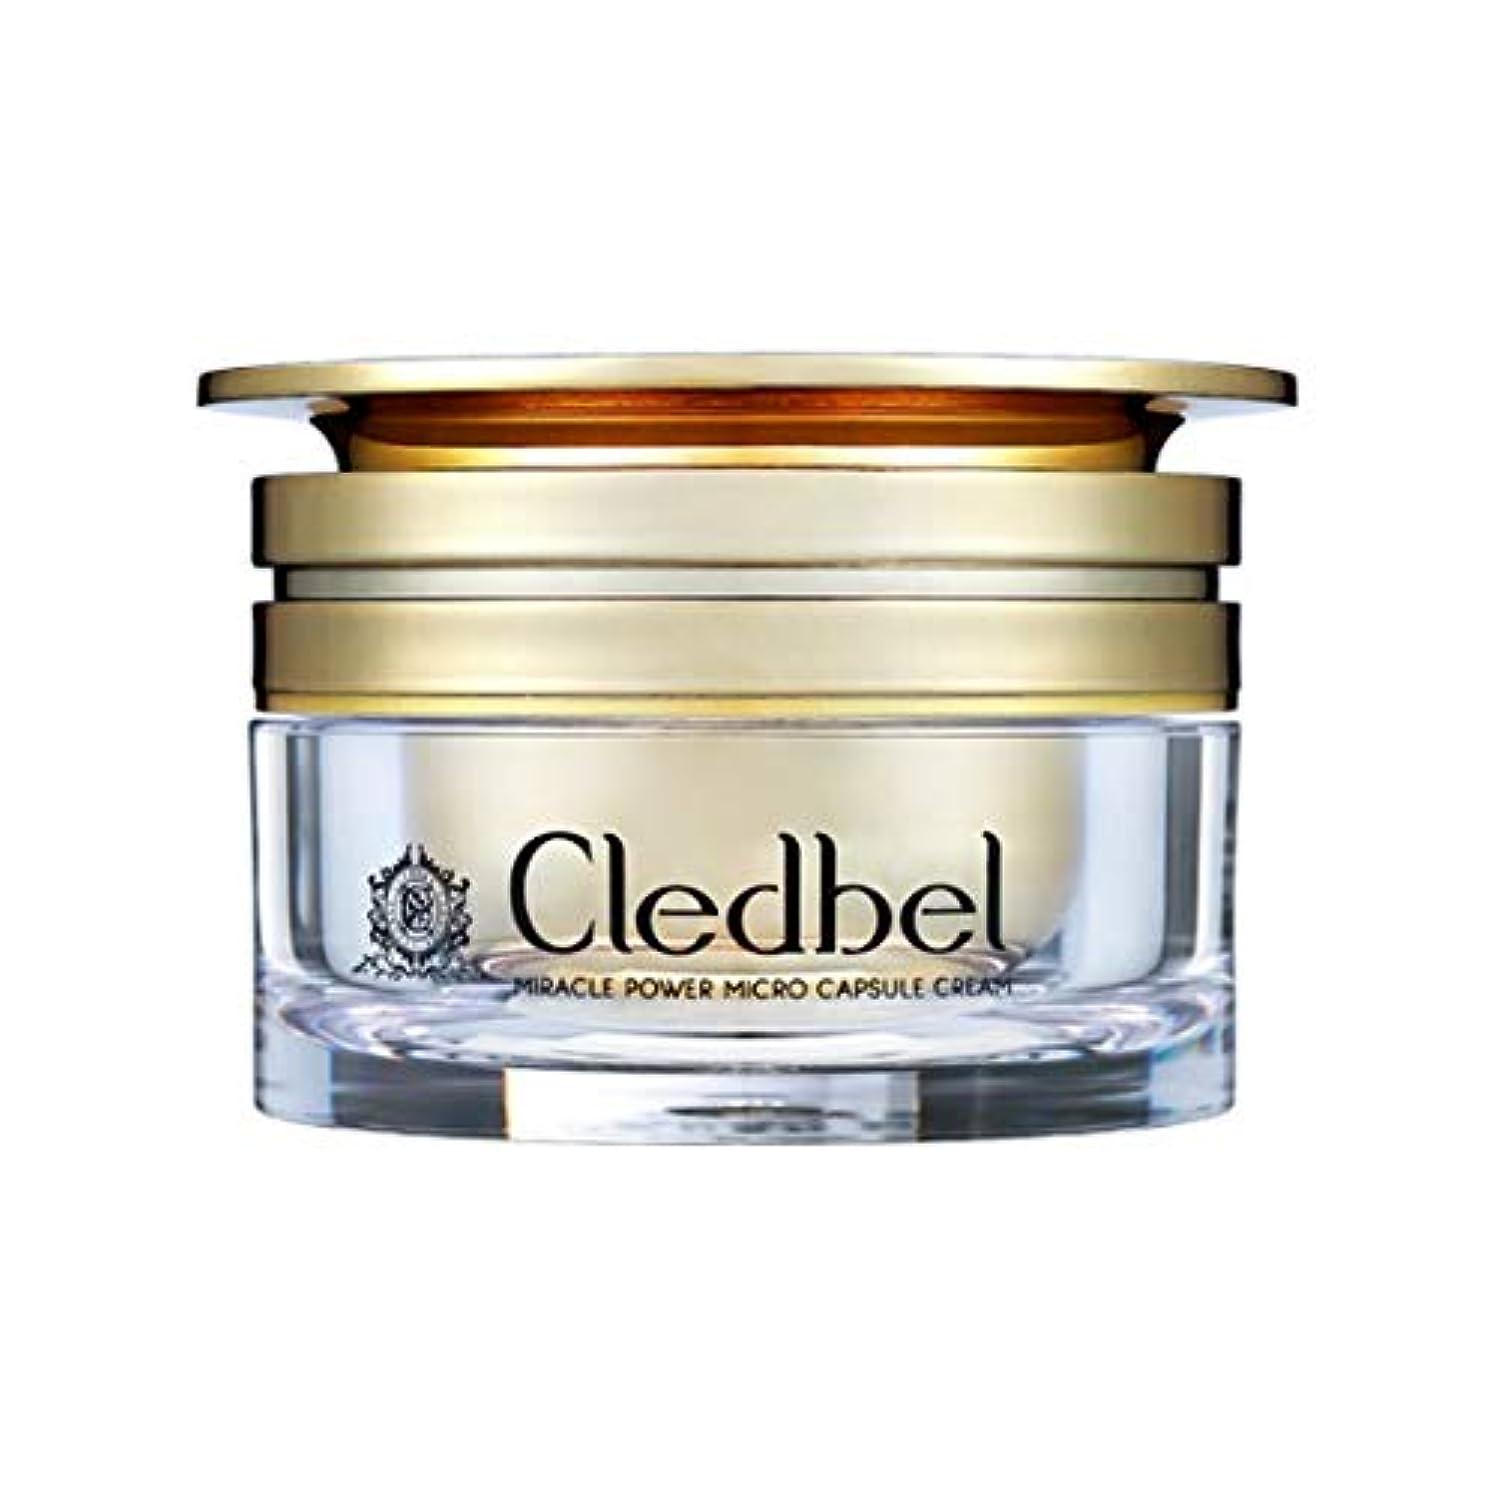 ペダルコミット退屈させる[cledbel] Miracle Power Micro Capsule Cream 50ml / ミラクルパワーマイクロカプセルクリーム 50ml [並行輸入品]